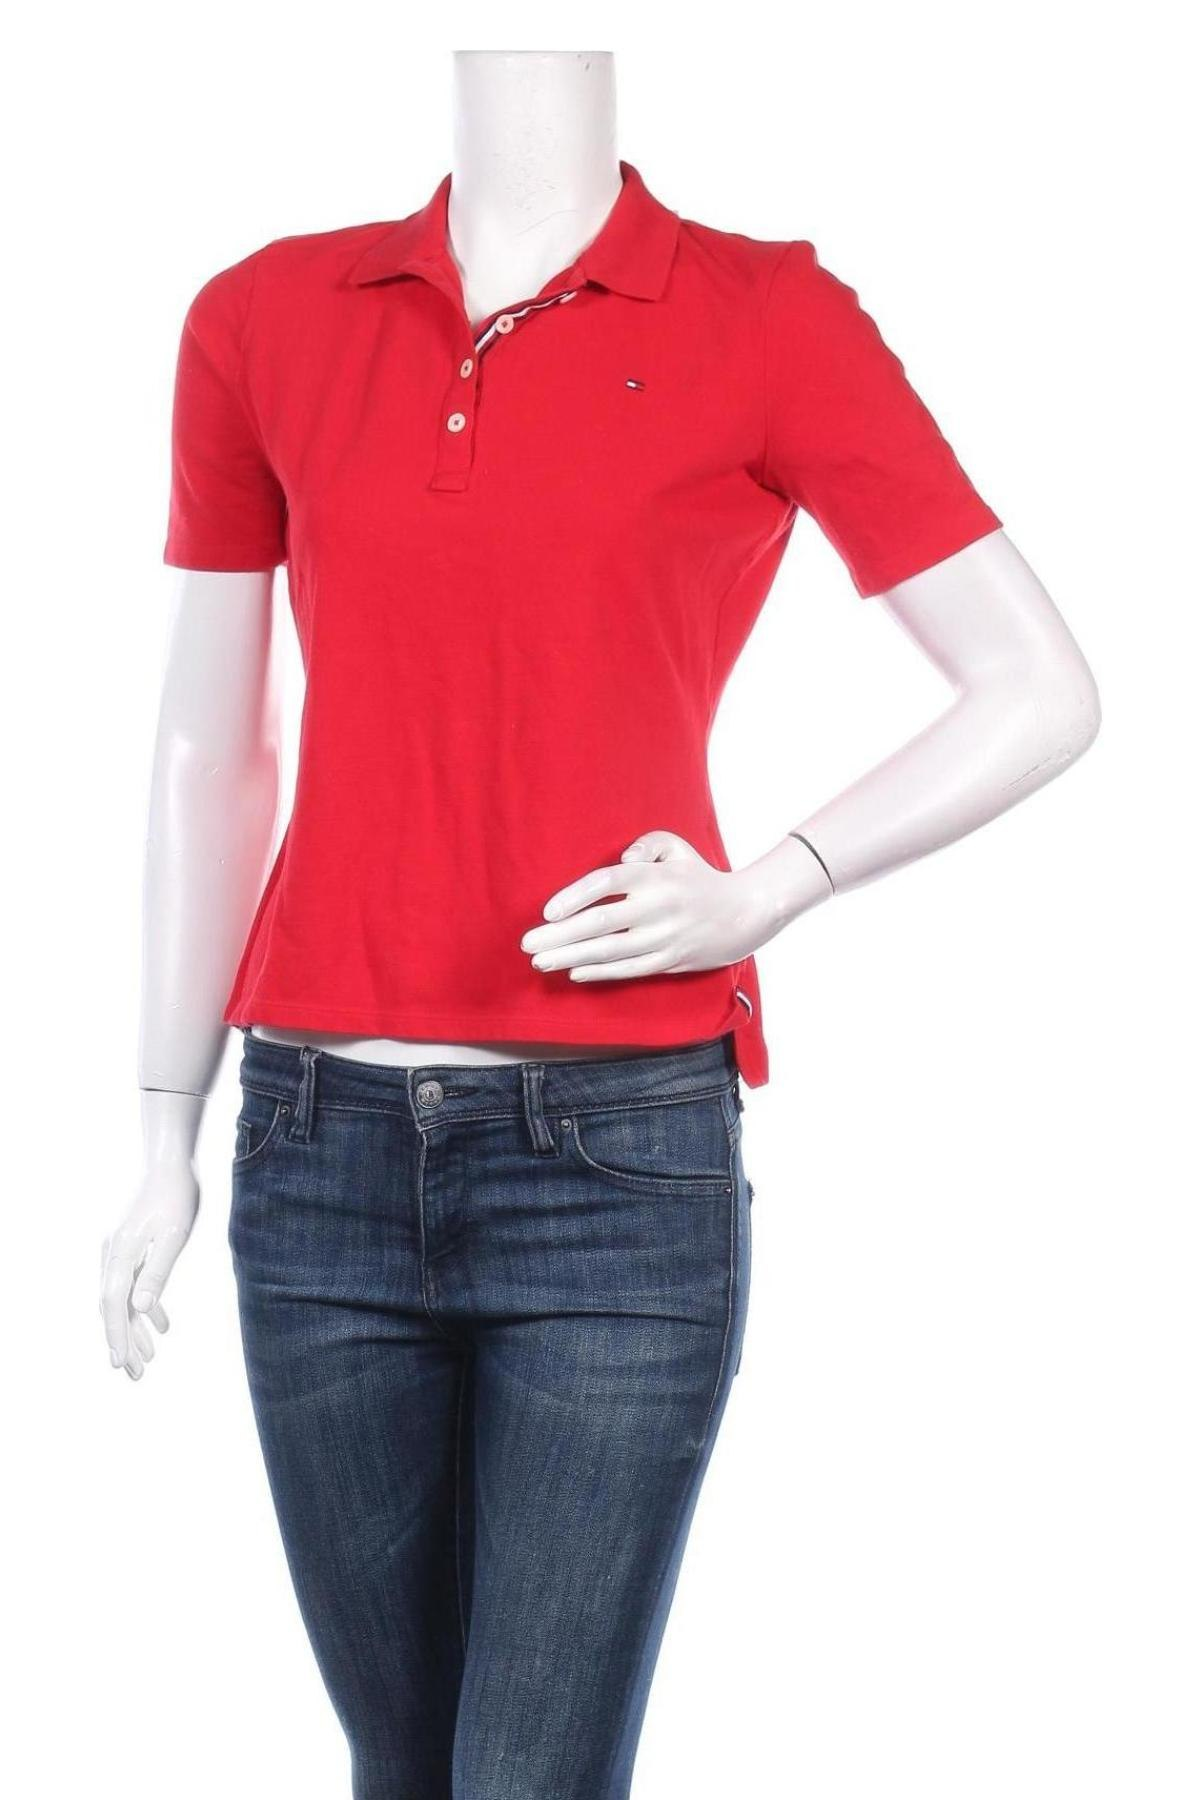 Дамска тениска Tommy Hilfiger, Размер S, Цвят Червен, 96% памук, 4% еластан, Цена 79,00лв.